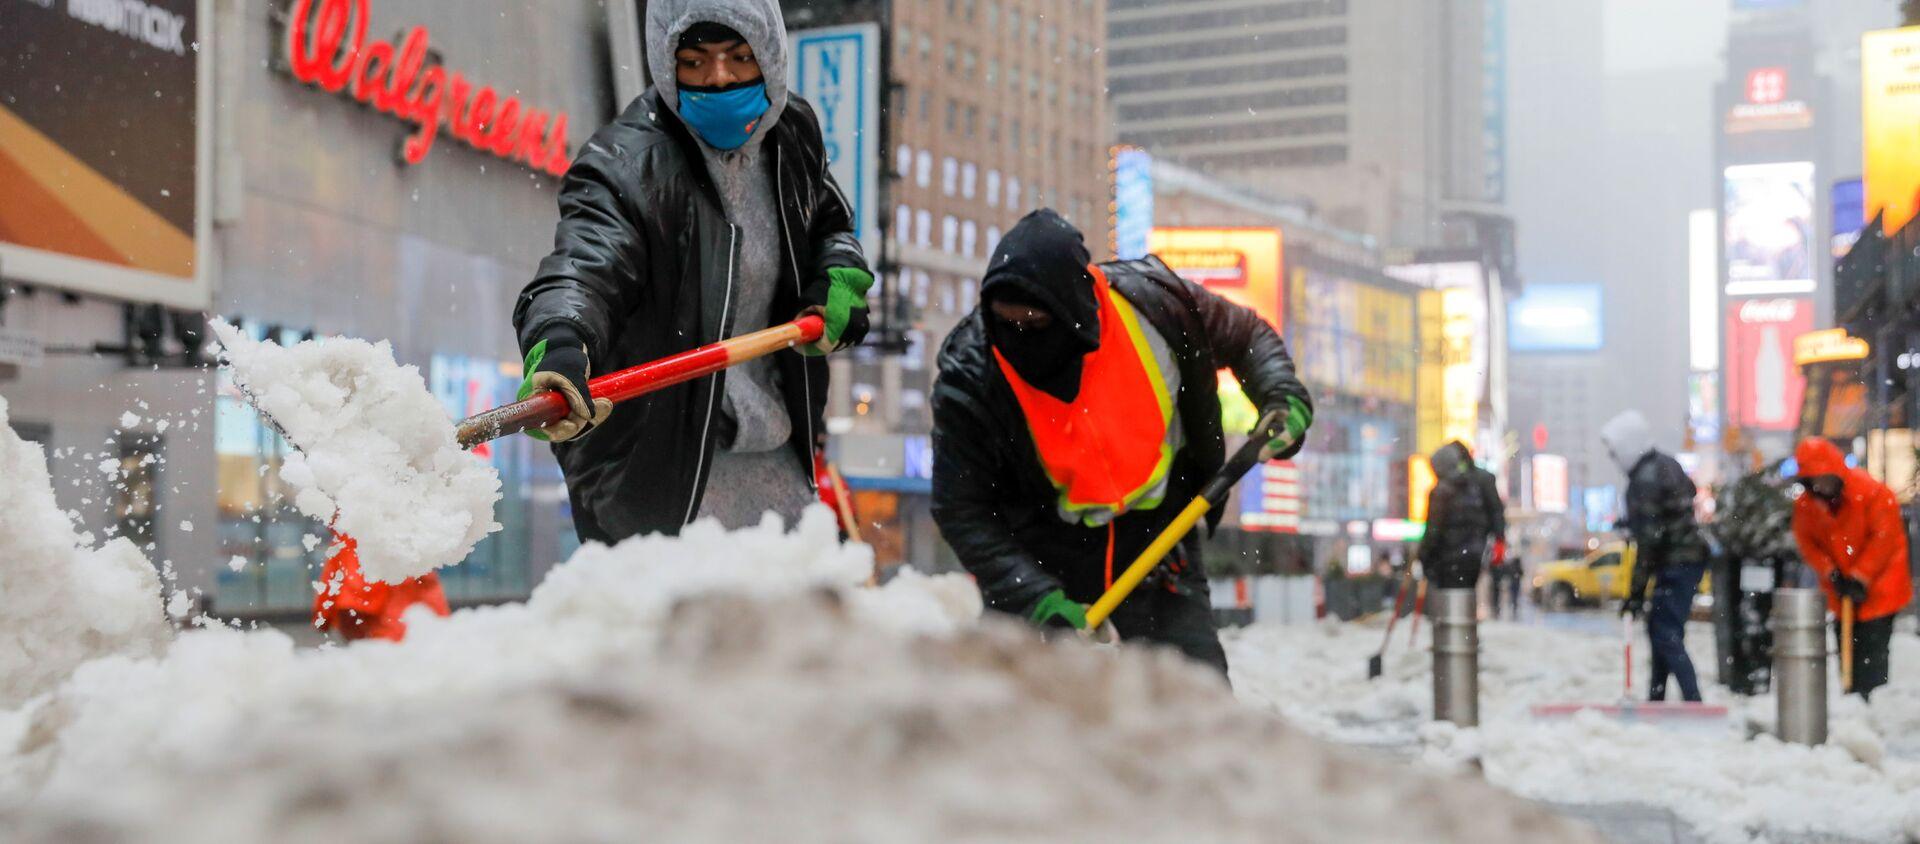 Рабочие чистят снег в Нью-Йорке - Sputnik Беларусь, 1920, 21.02.2021